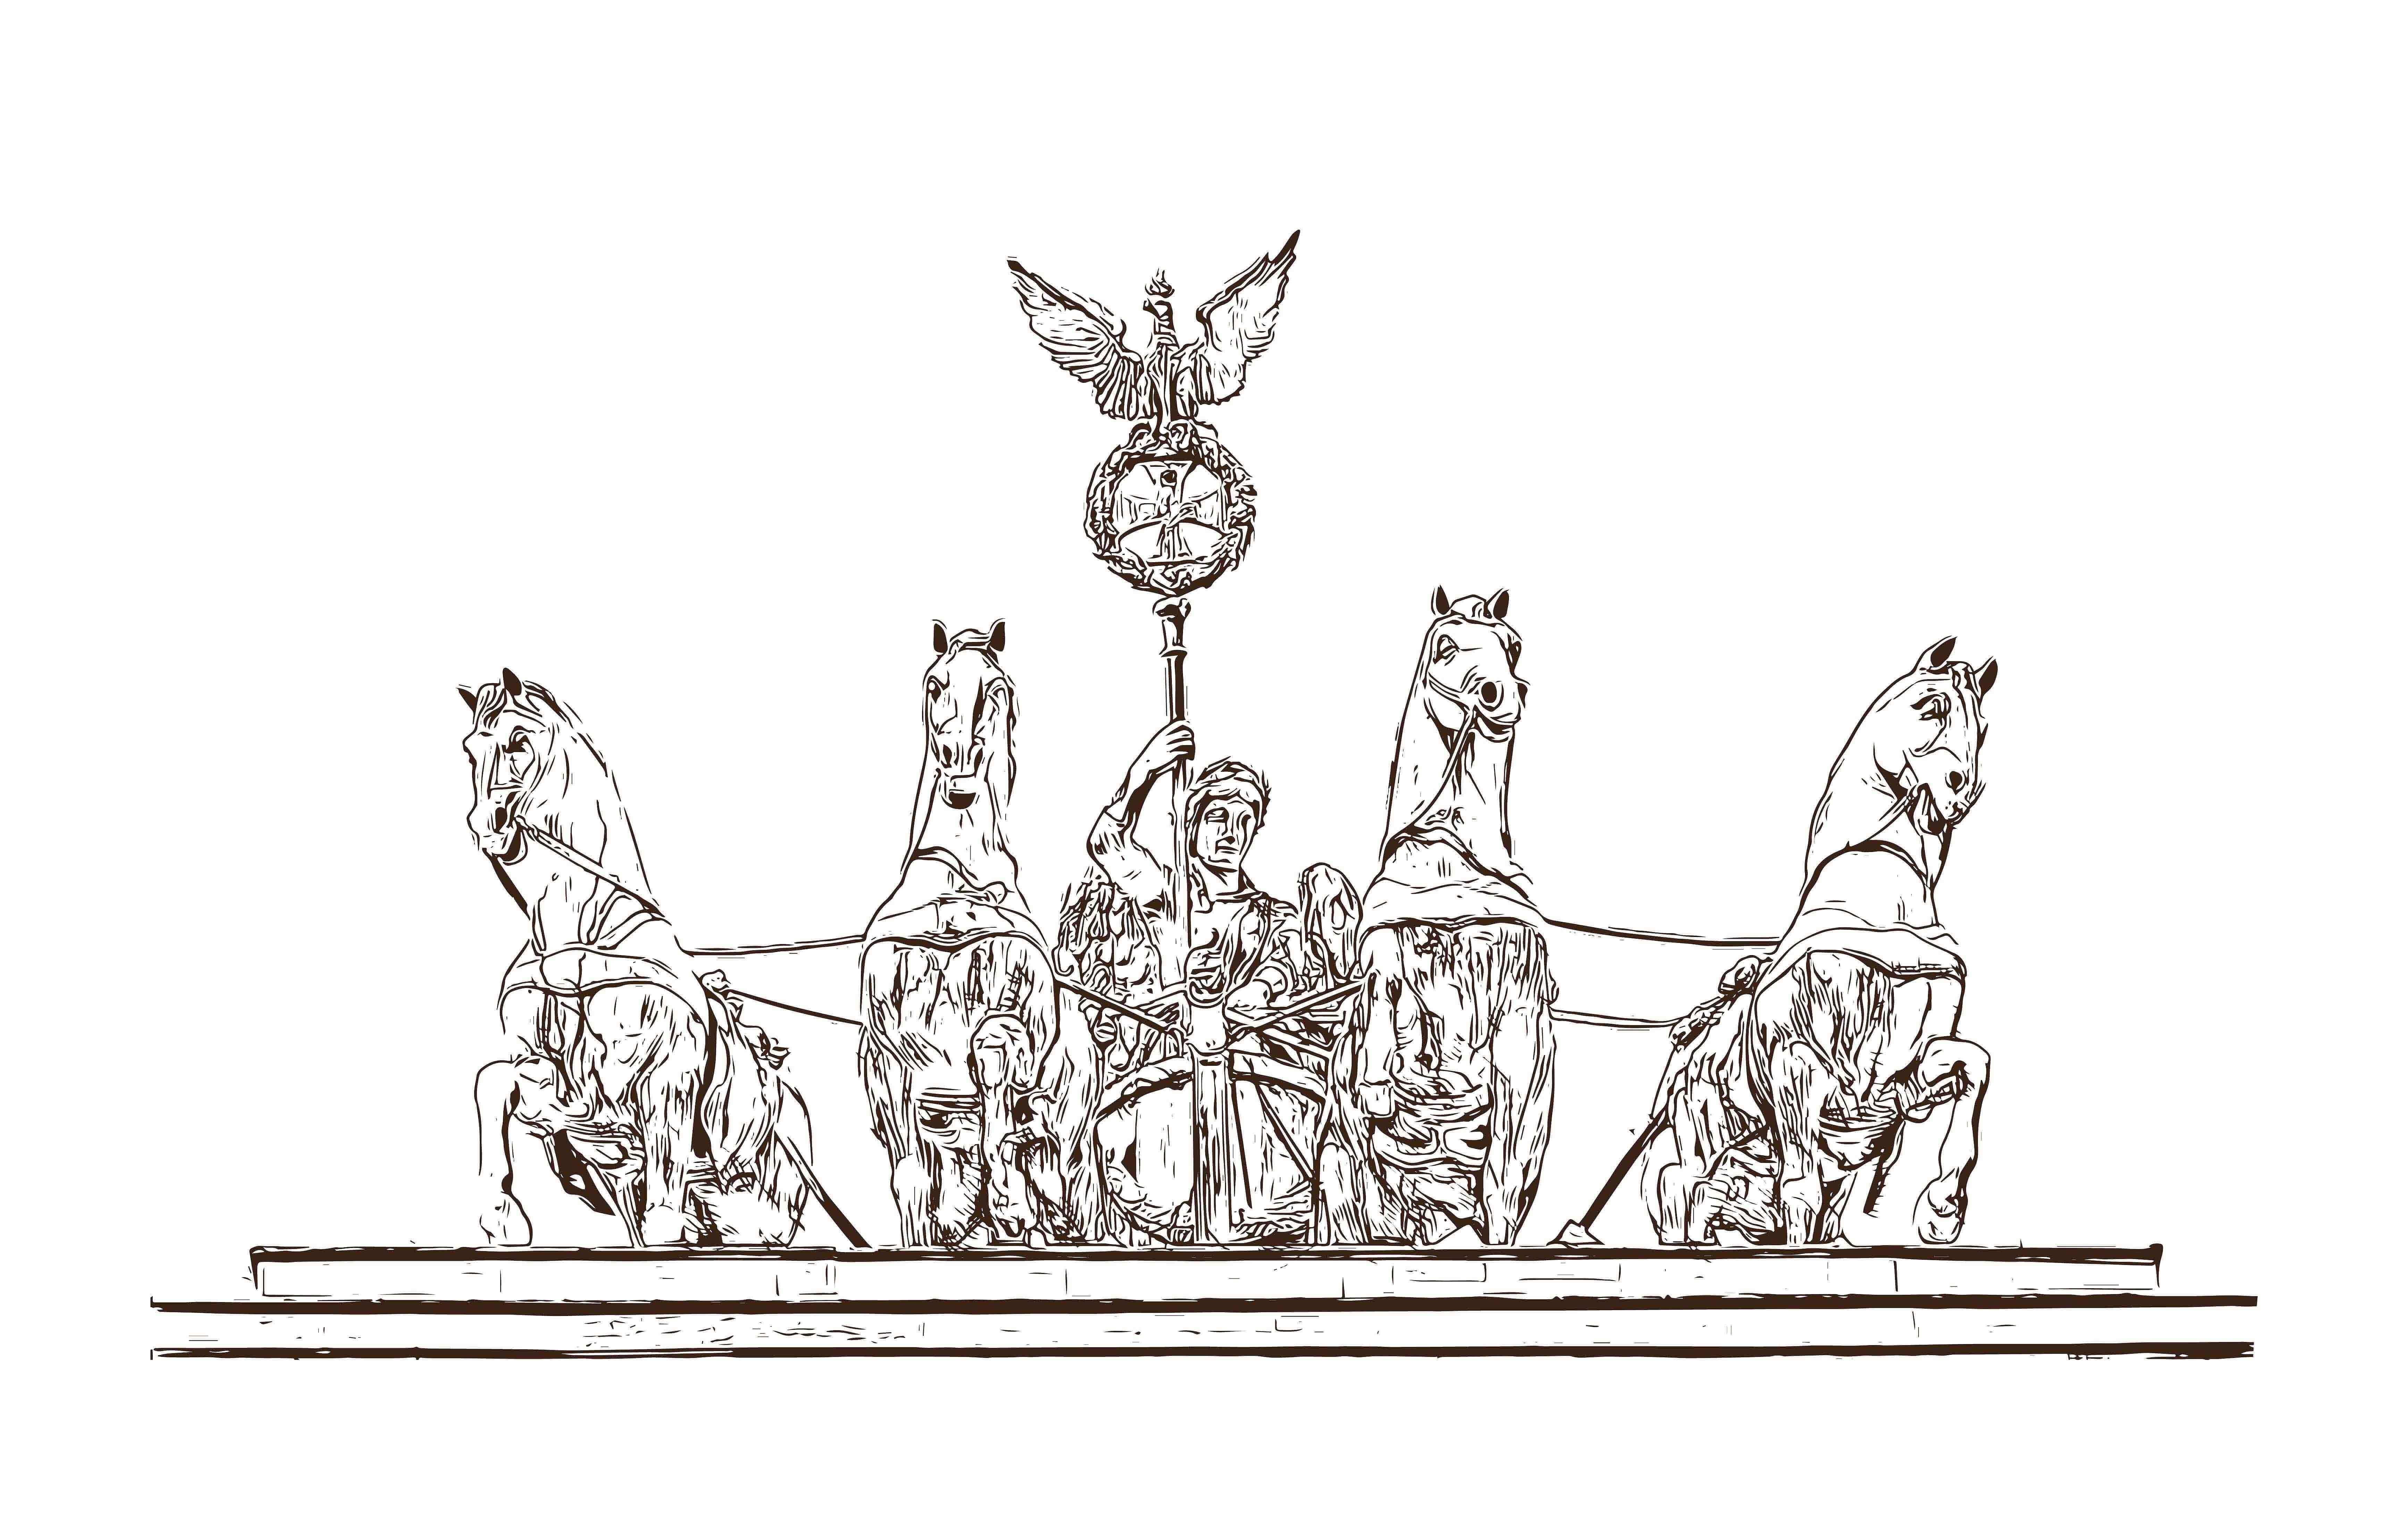 Quando as corridas eram feitas em quadrigas de cavalos?